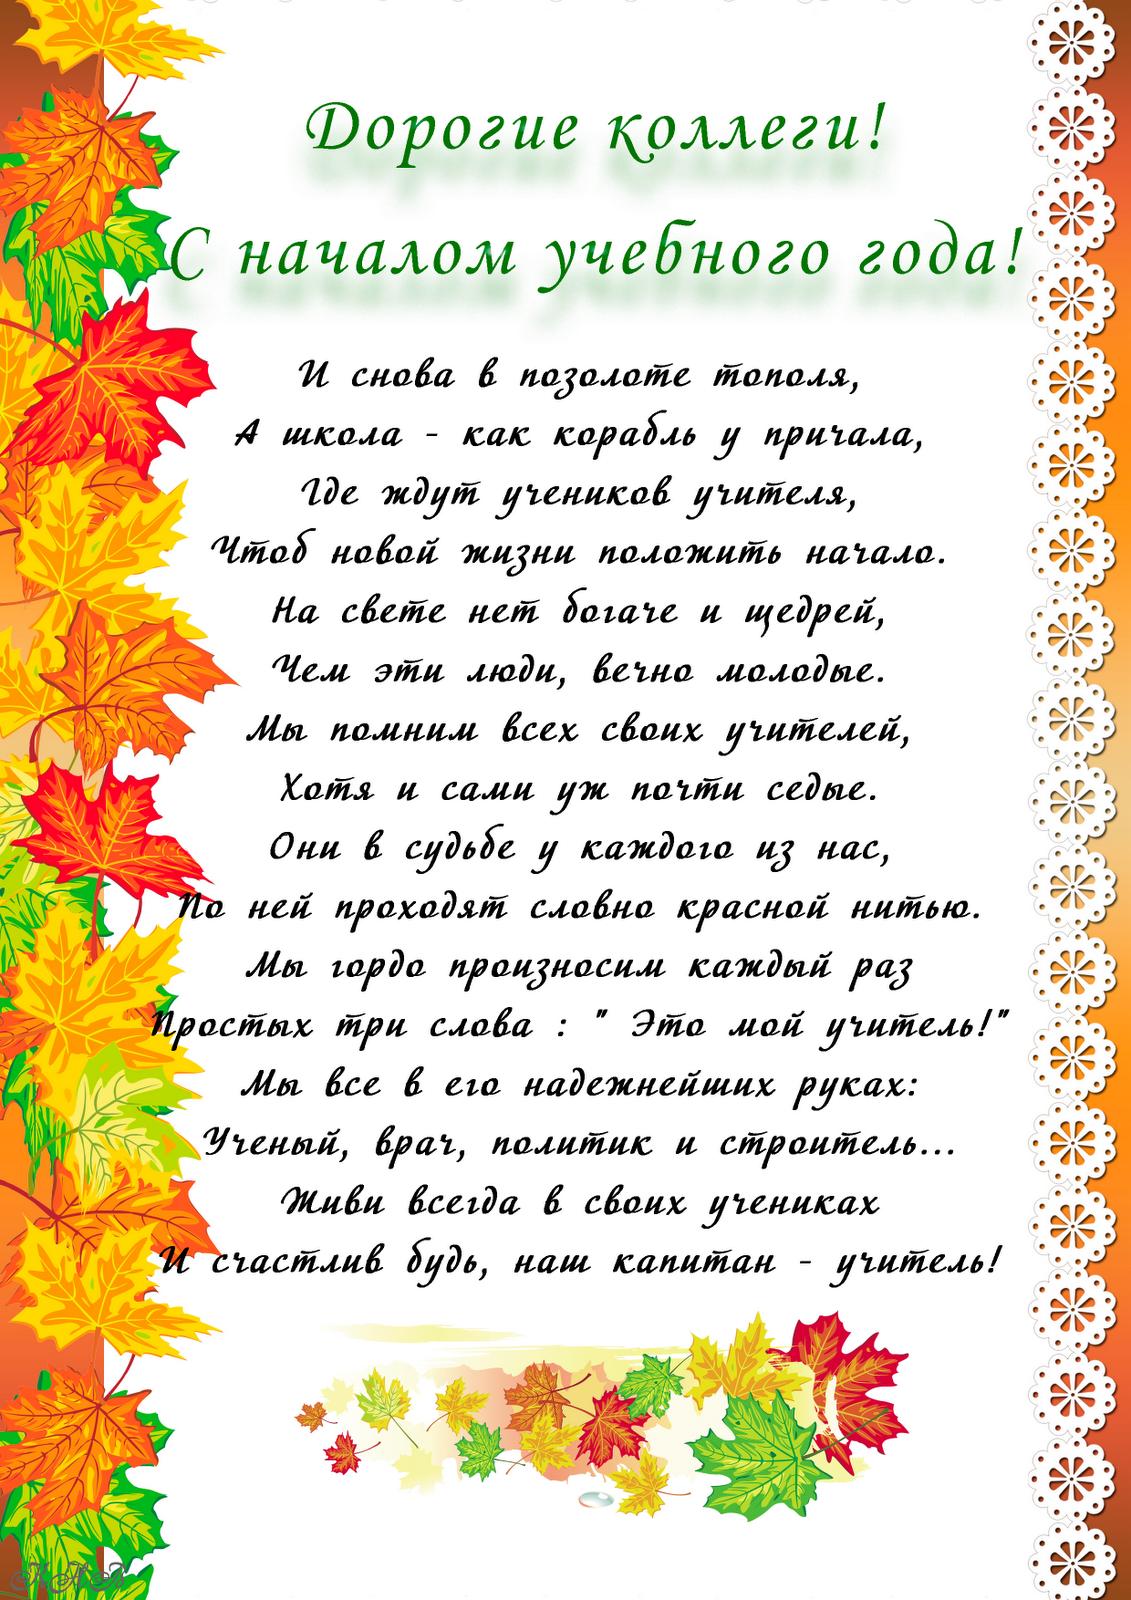 Поздравление педагогам на 1 сентября